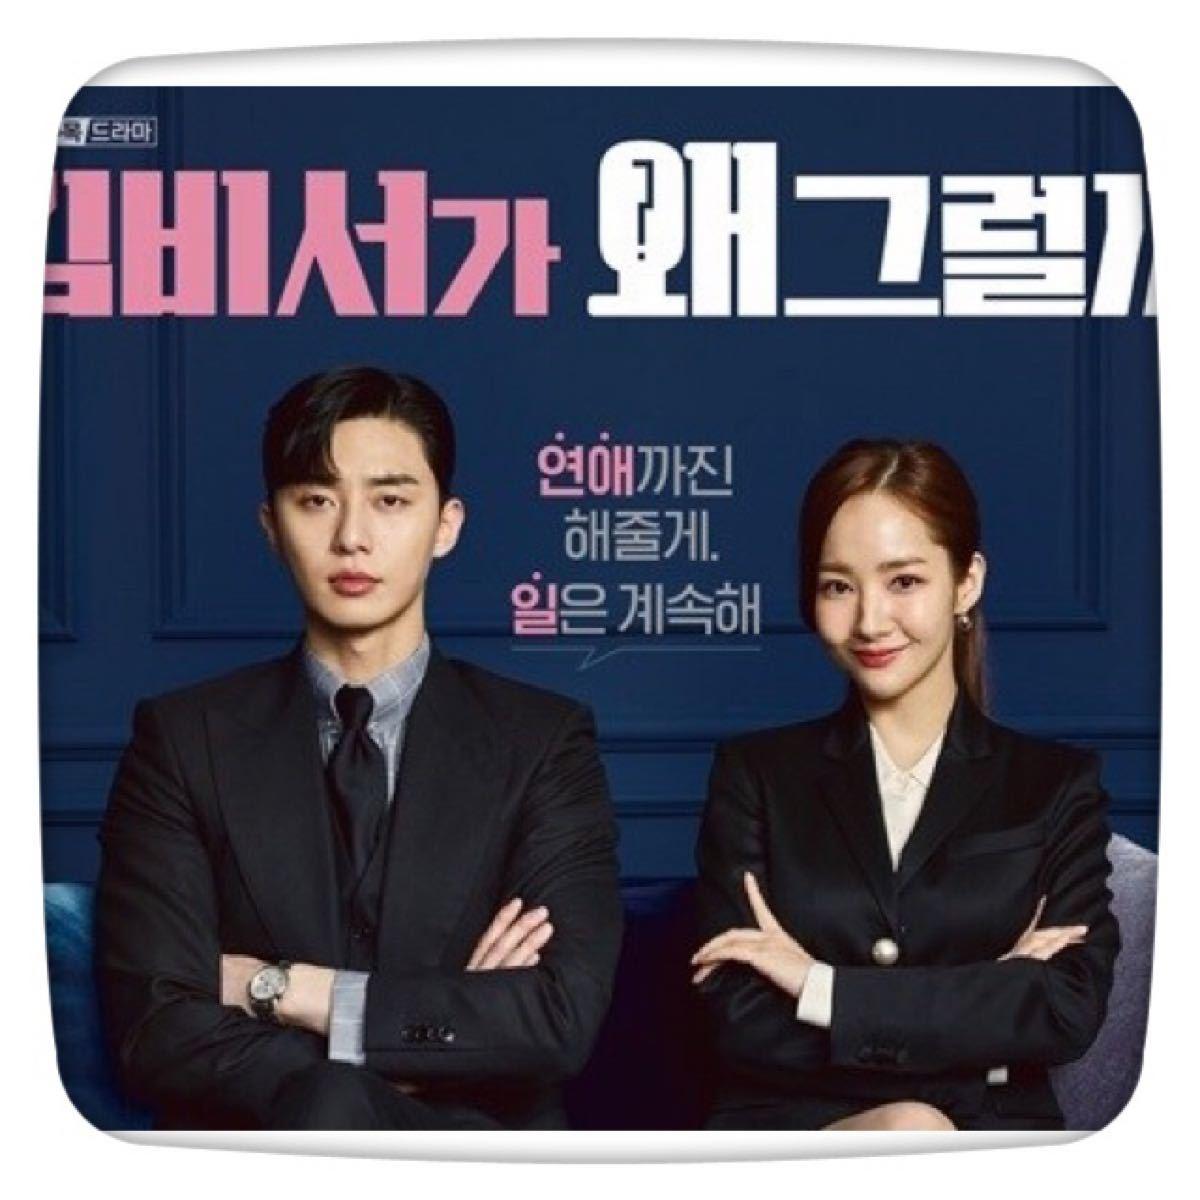 【キム秘書がなぜそうか】Blu-ray 韓国ドラマ 韓流